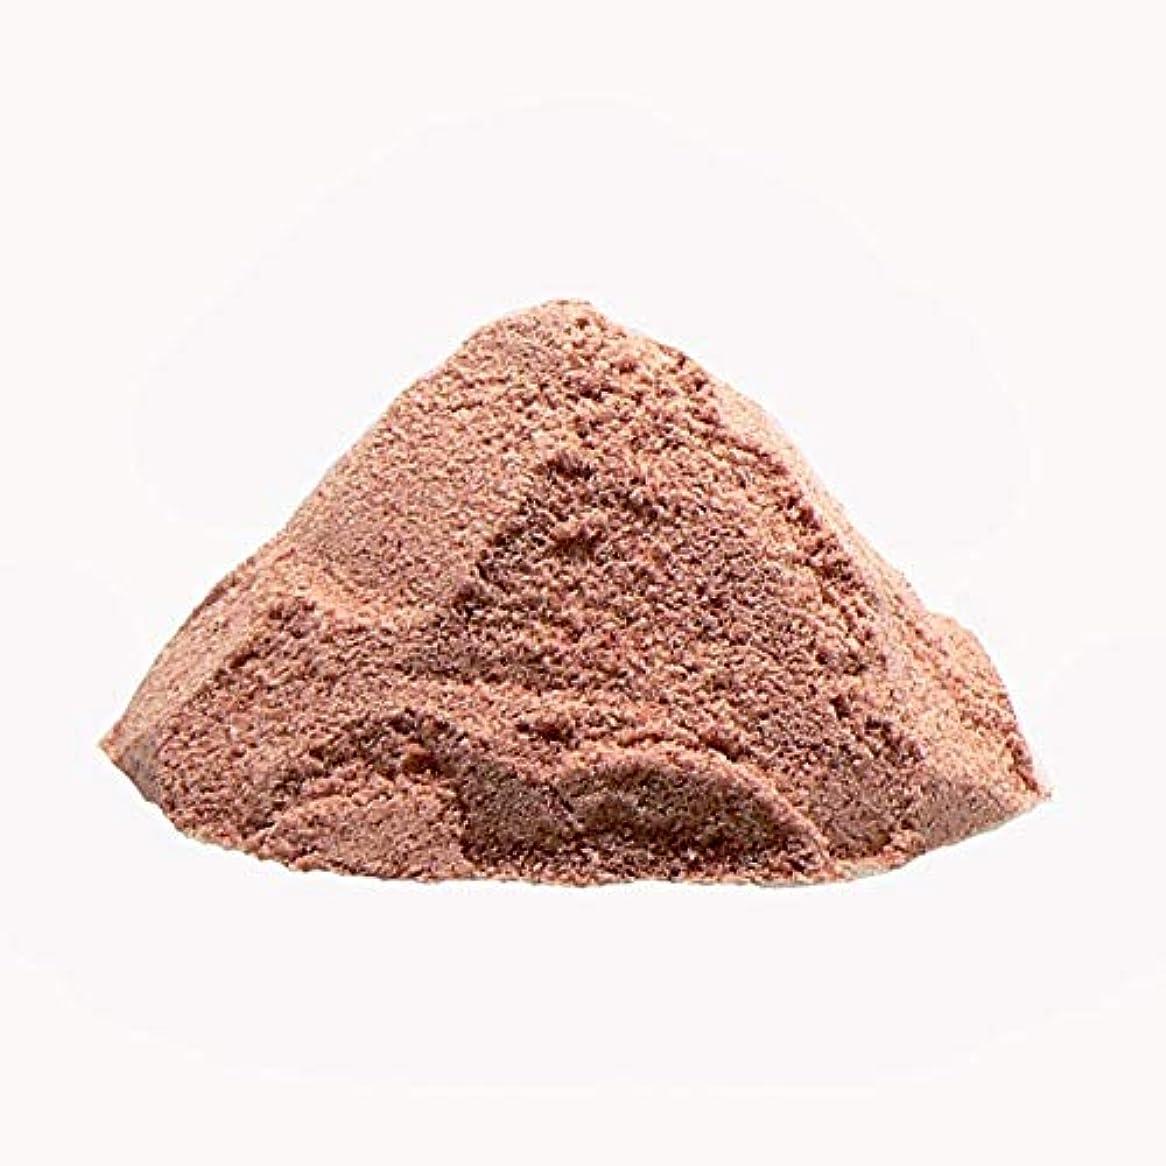 もっと少なく役に立つ無実ヒマラヤ岩塩 プレミアム ルビーソルト バスソルト(パウダー)ネパール産 ルビー岩塩 (600g×2個セット)